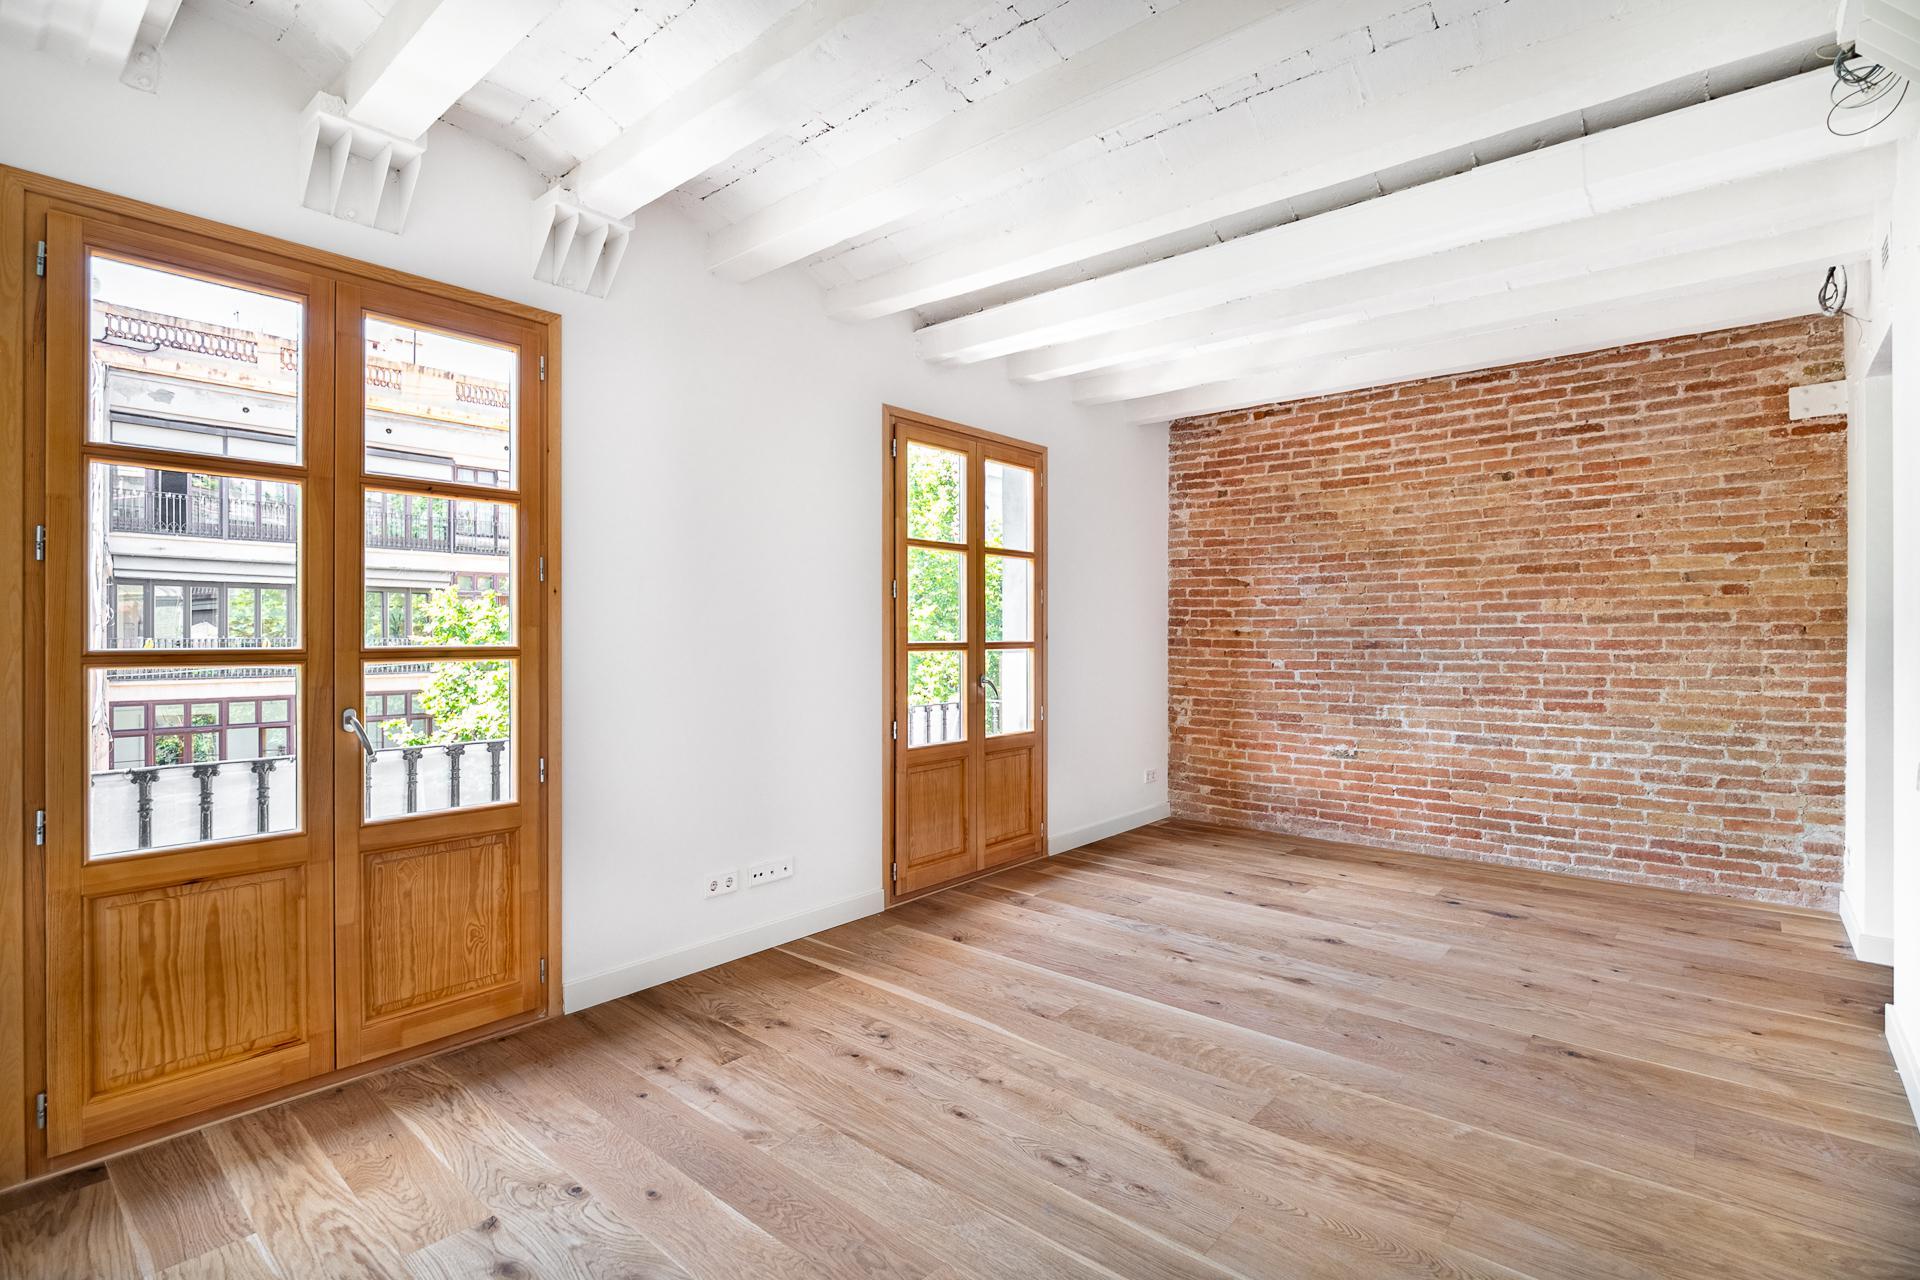 245901 Flat for sale in Ciutat Vella, St. Pere St. Caterina and La Ribera 1